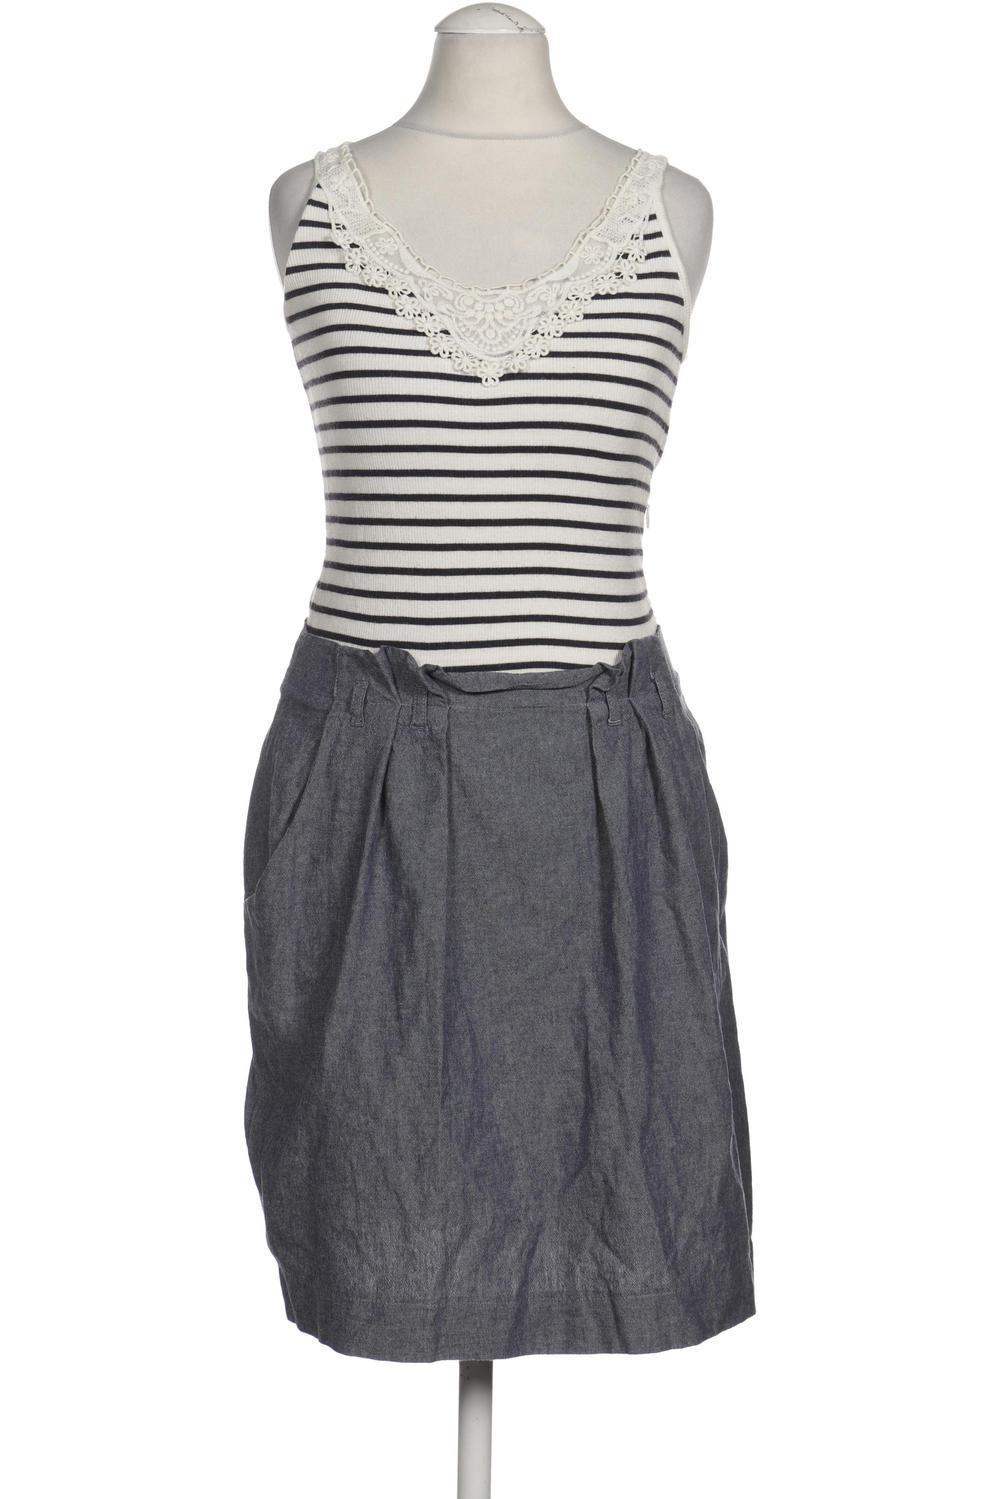 s.Oliver Damen Kleid DE 34 Second Hand kaufen | ubup